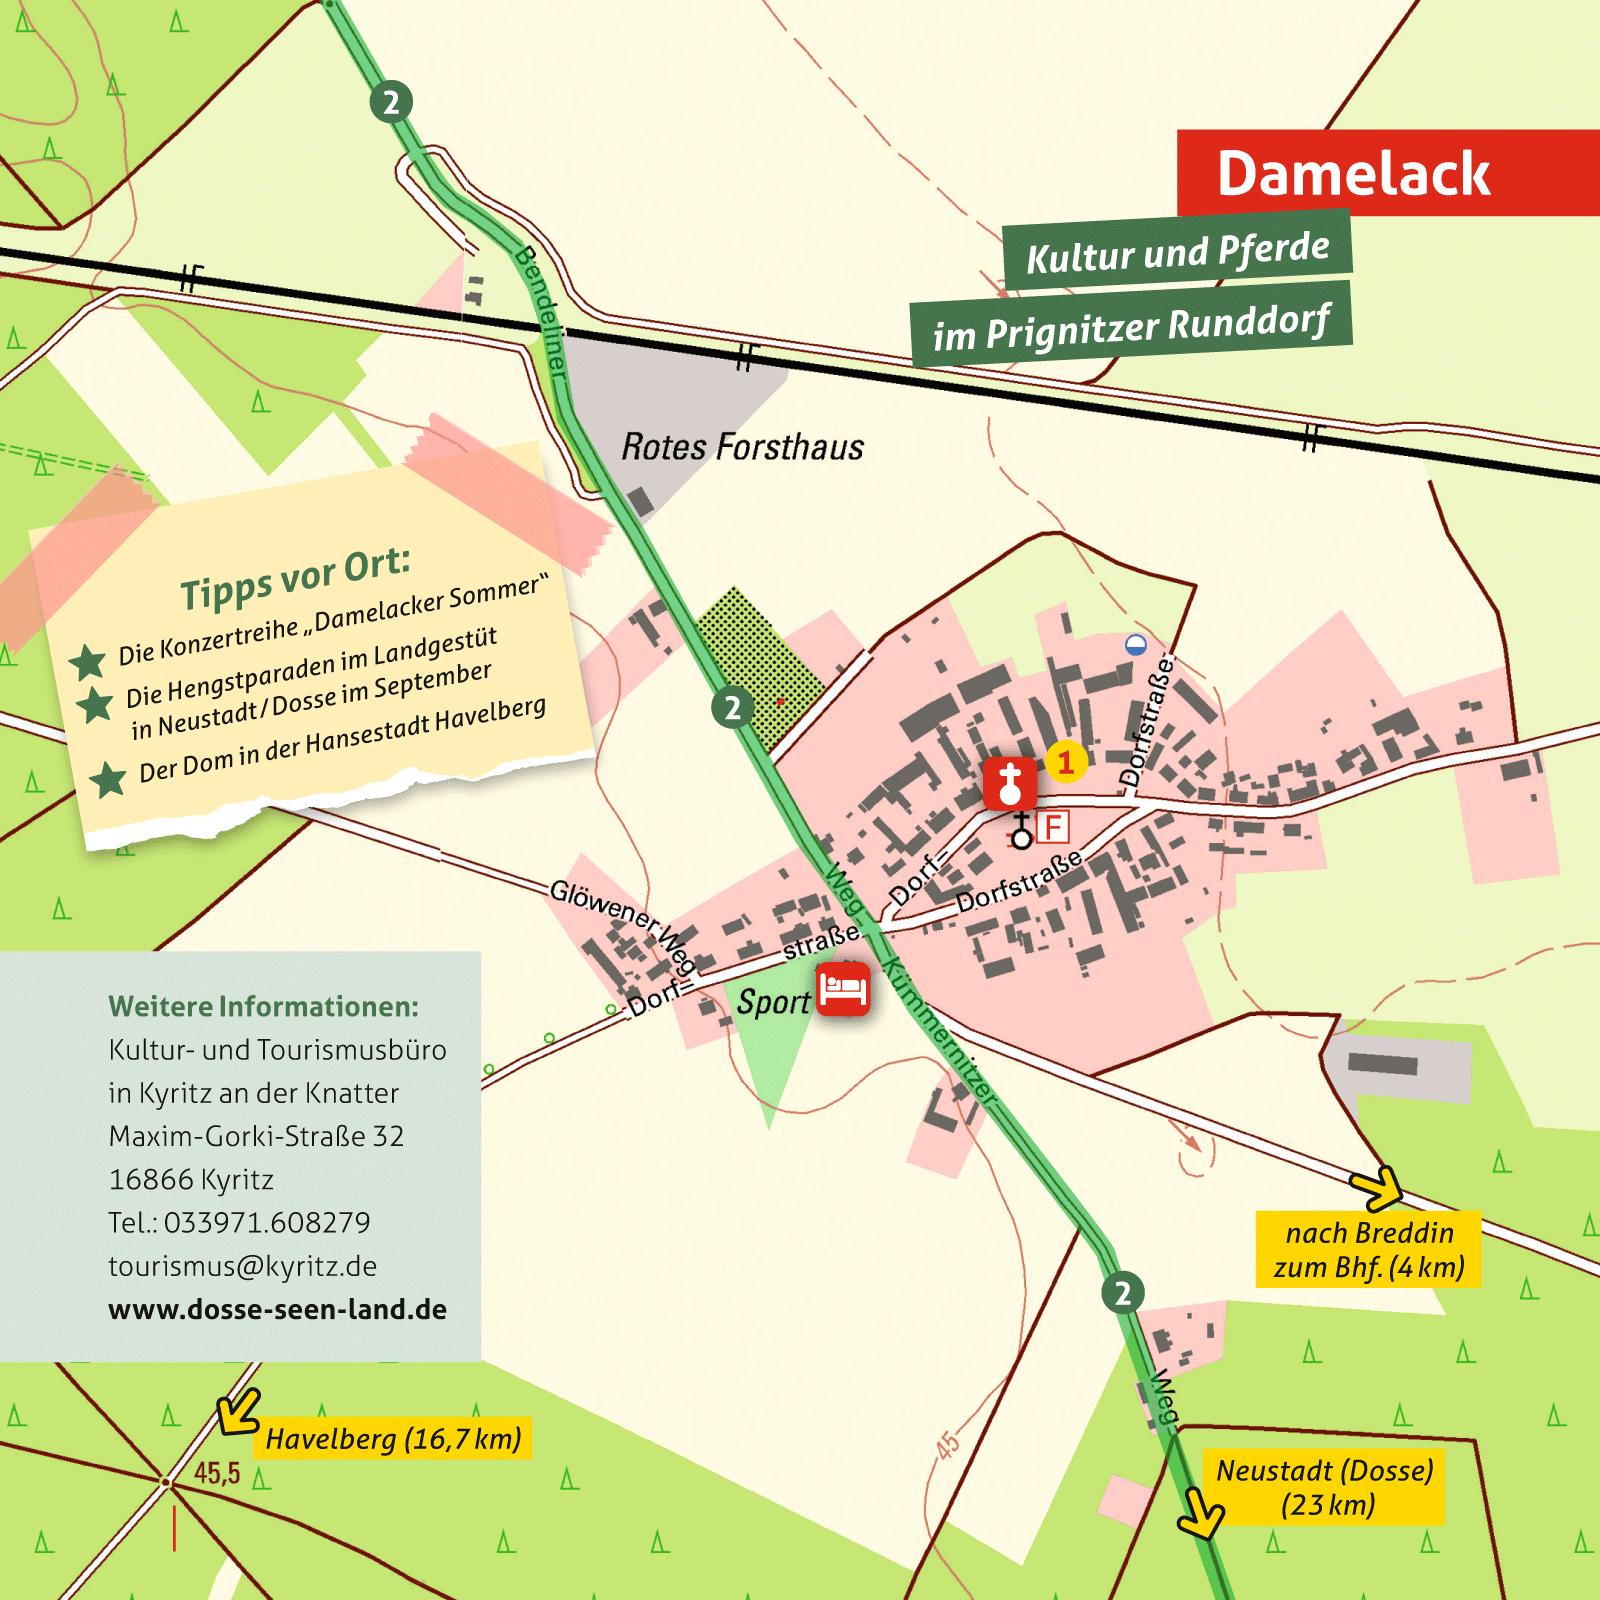 Ausflugskarte für Damelack